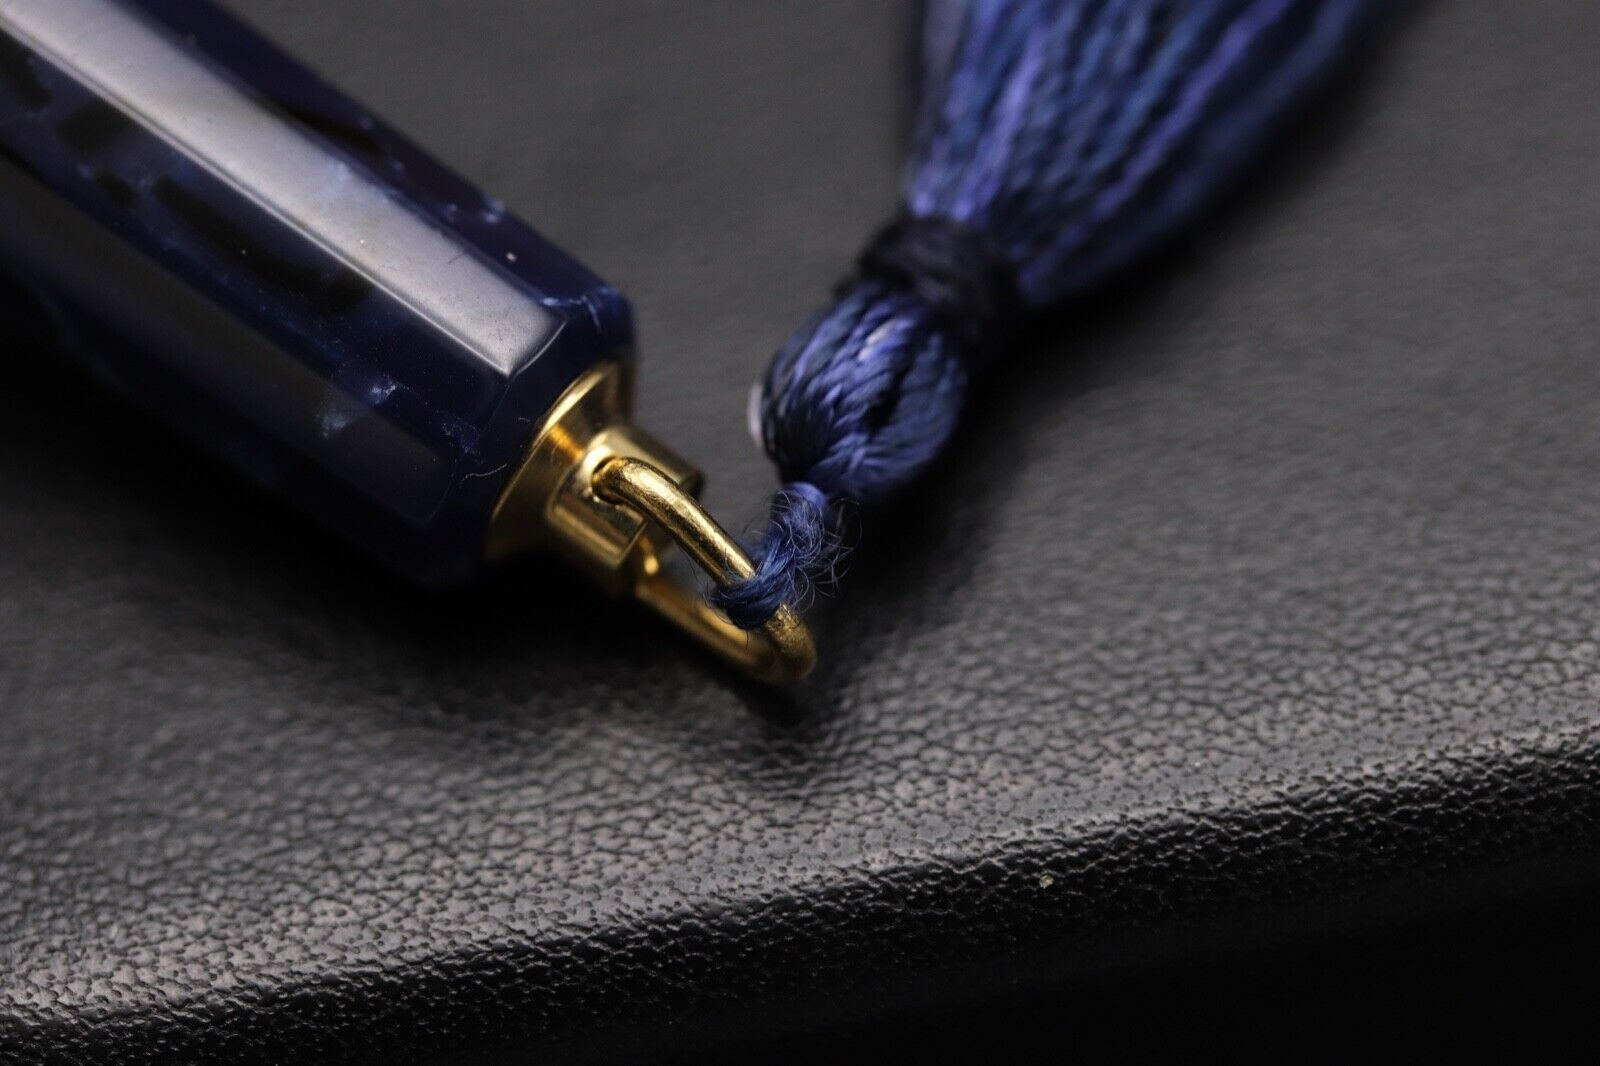 Omas Princess Blue Royale Celluloid Fountain Pen 9